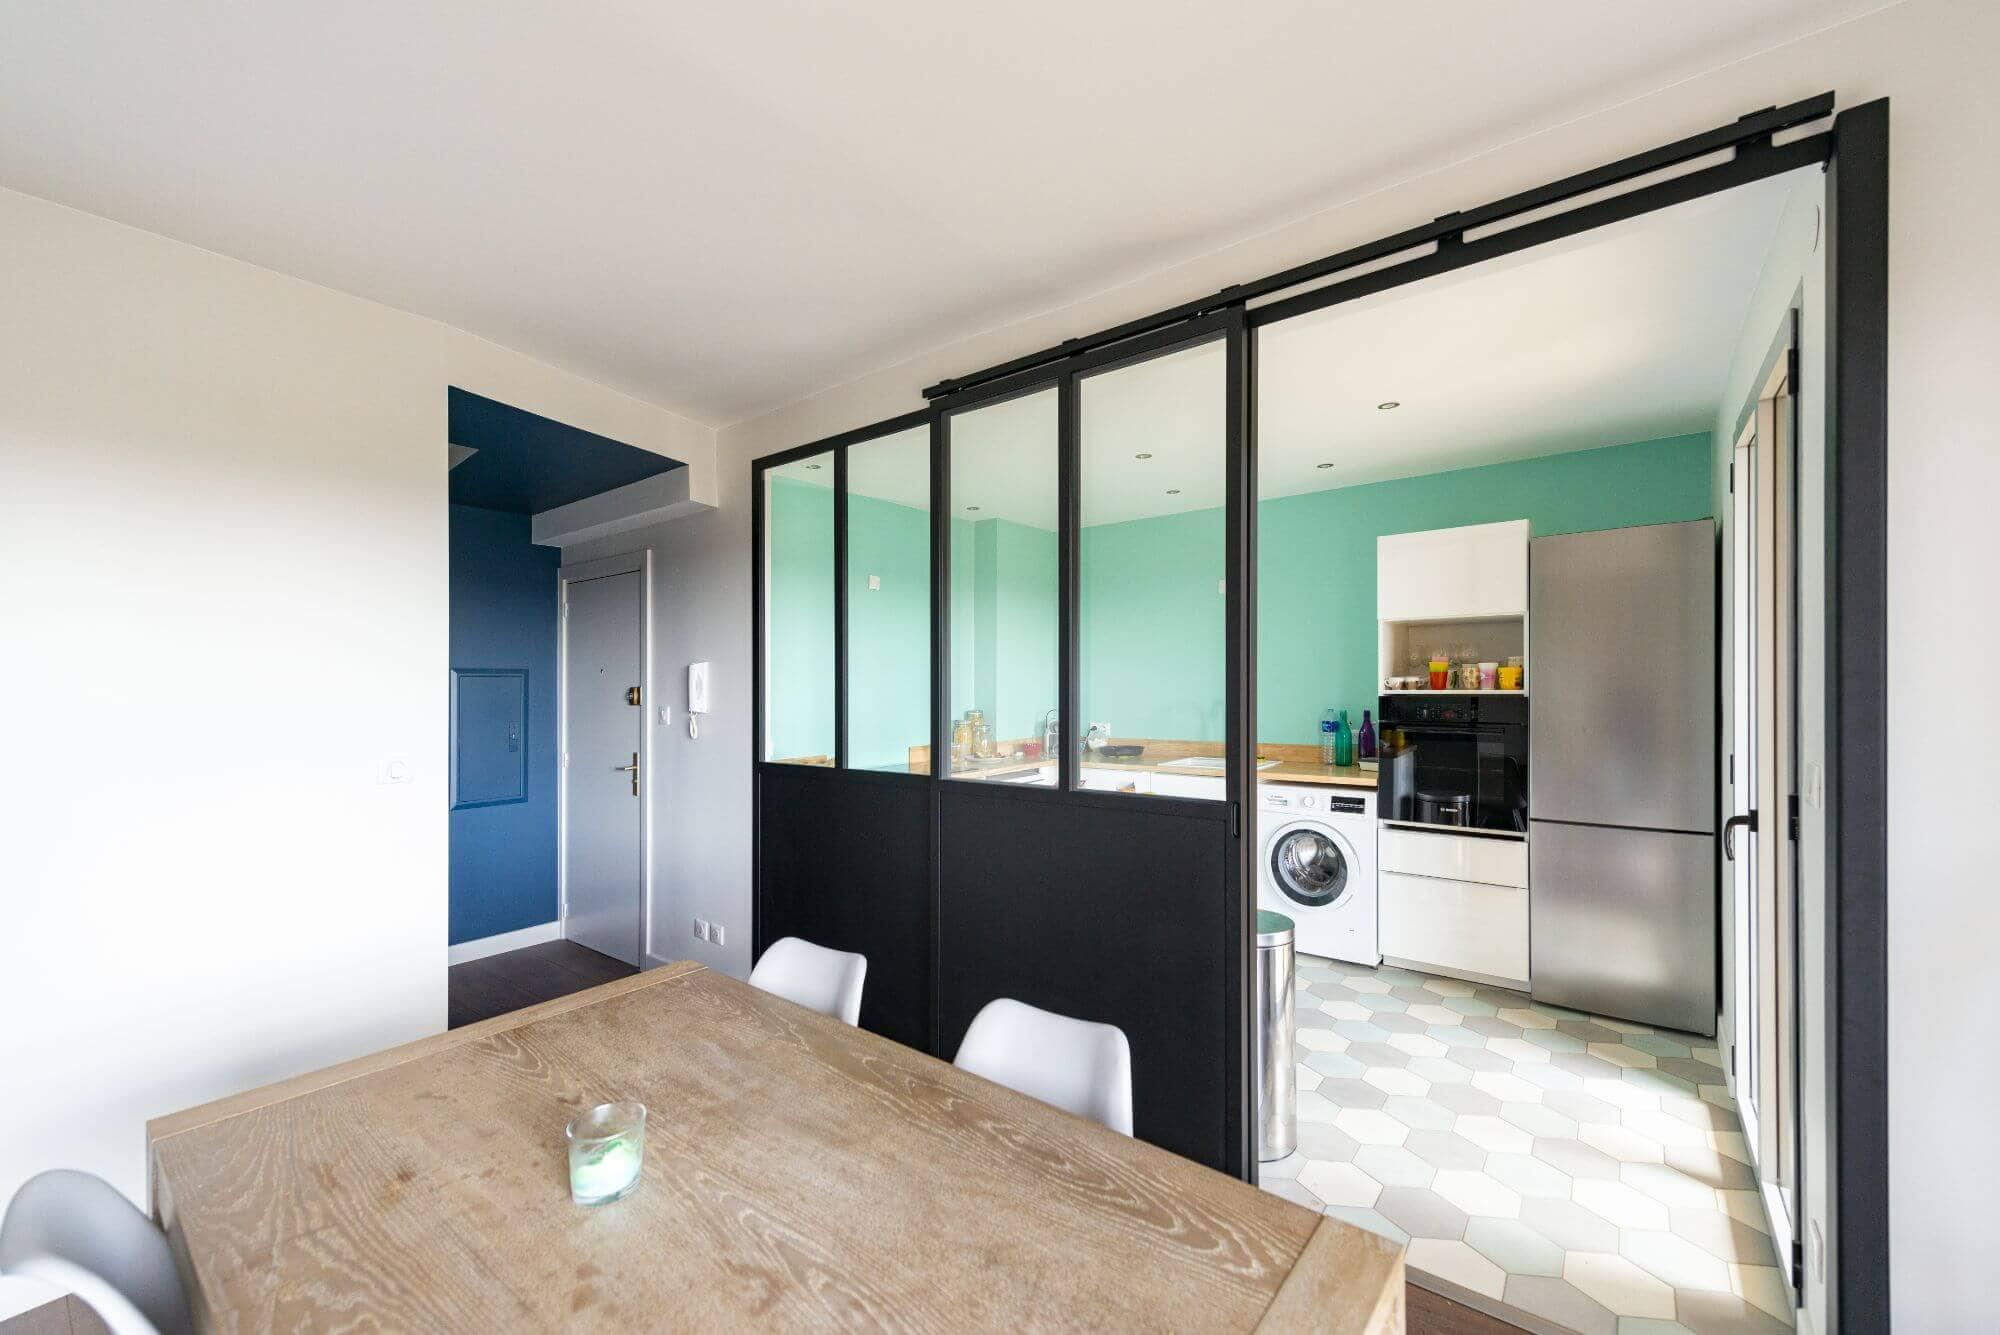 Salon, Cuisine, Verrière, Appartement remis à neuf